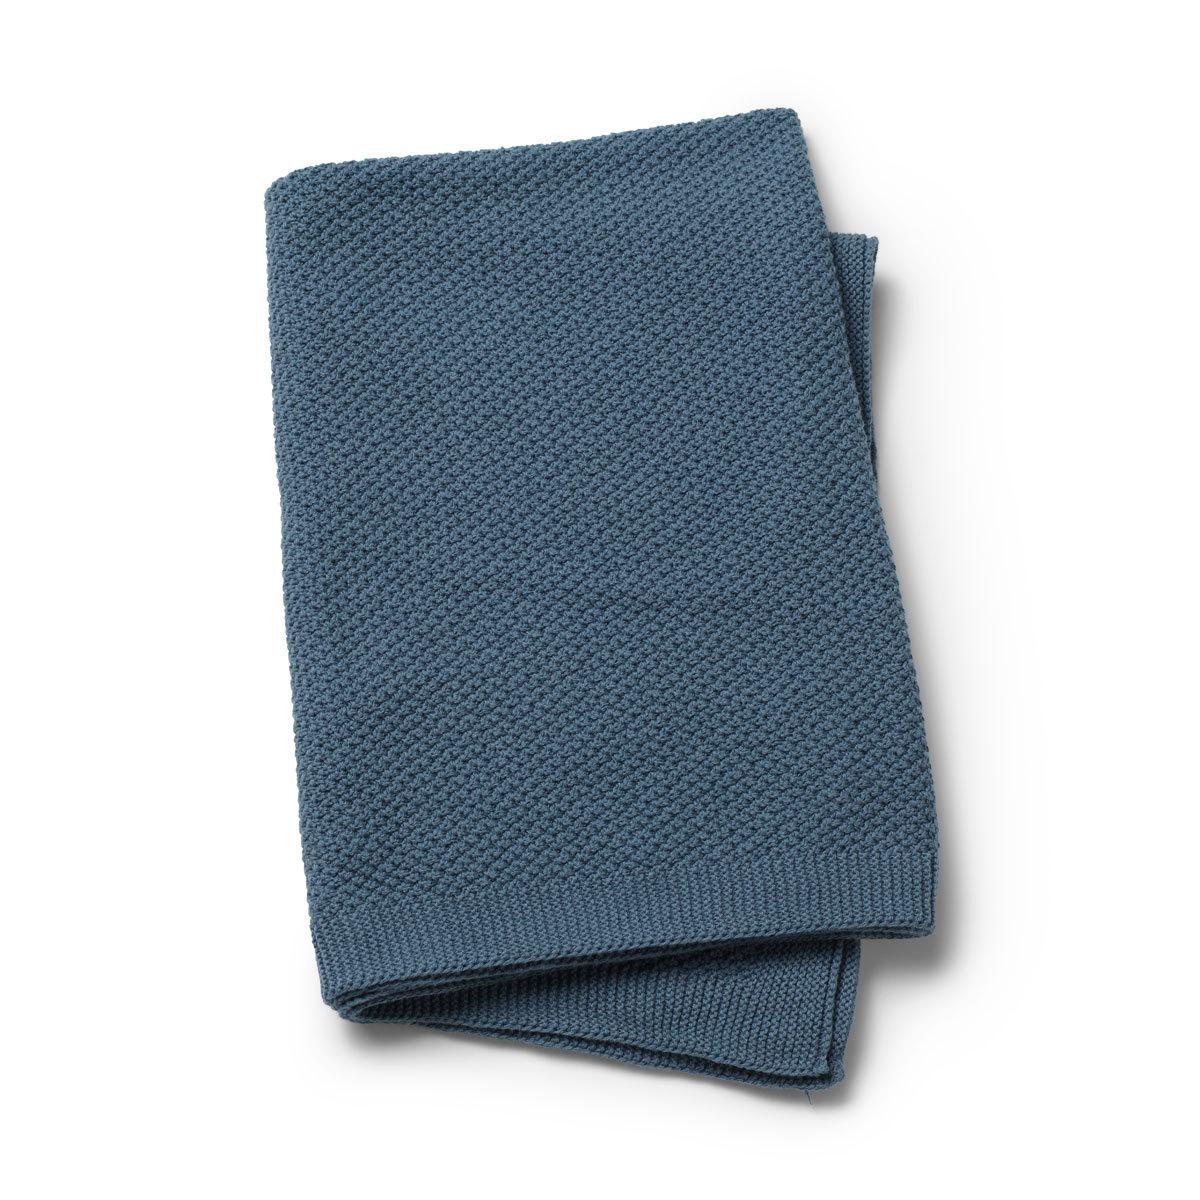 Linge de lit Couverture Point Mousse - Tender Blue Couverture Point Mousse - Tender Blue